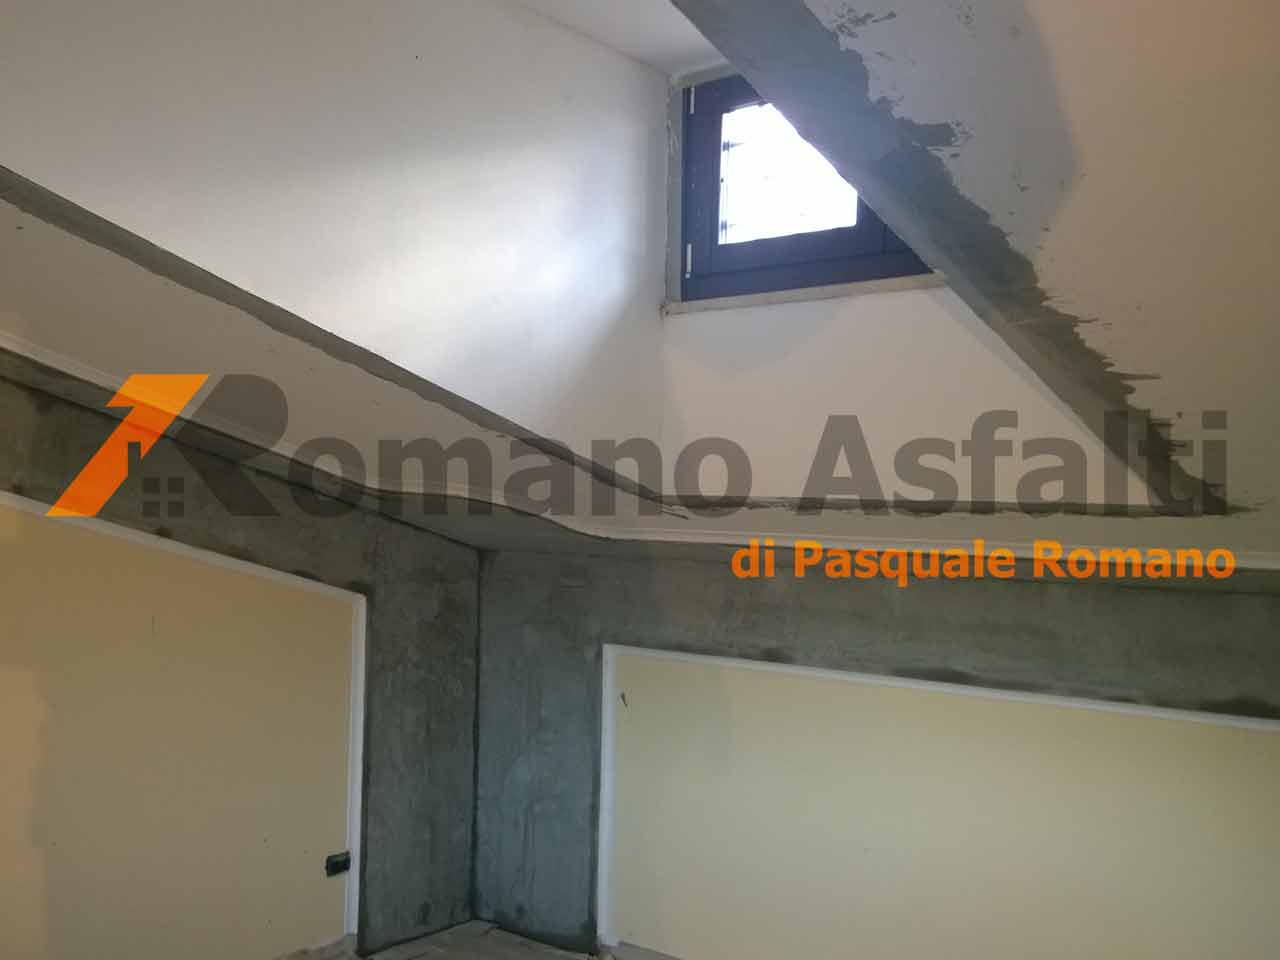 Isolamento termico interno appartamento soluzioni romano asfalti